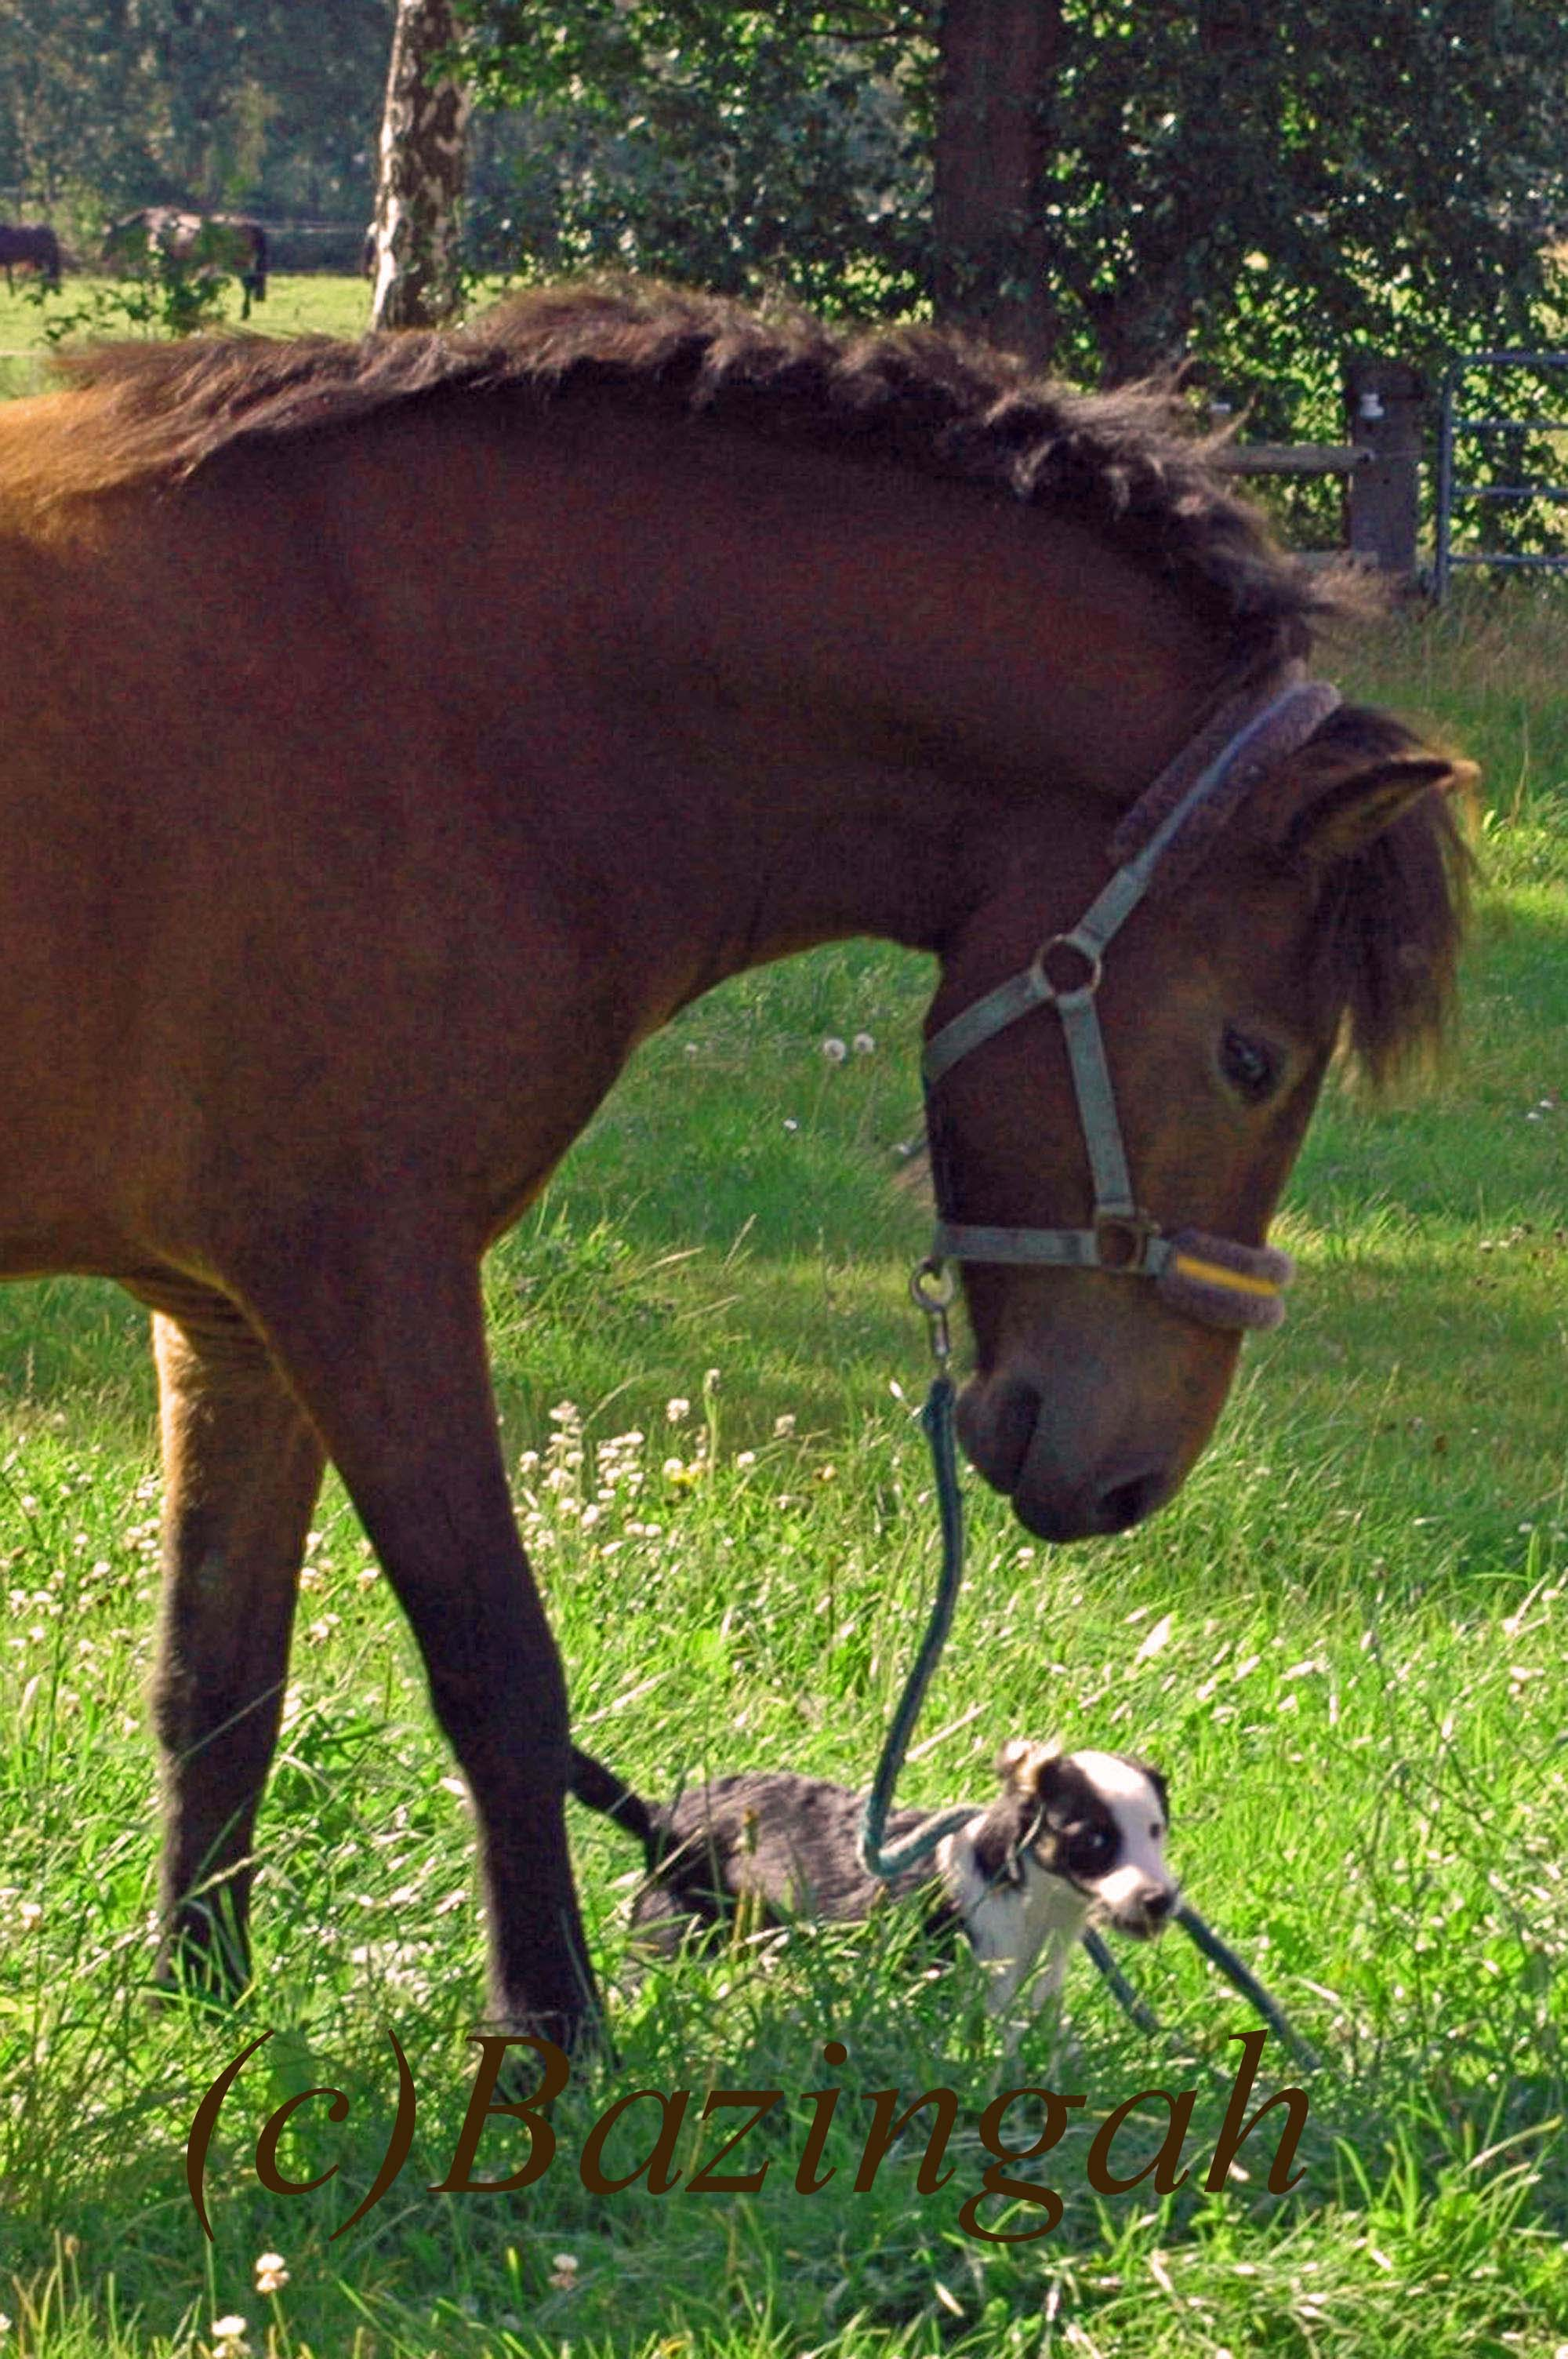 hund und pferd zusammenbringen pferde zusammenführung